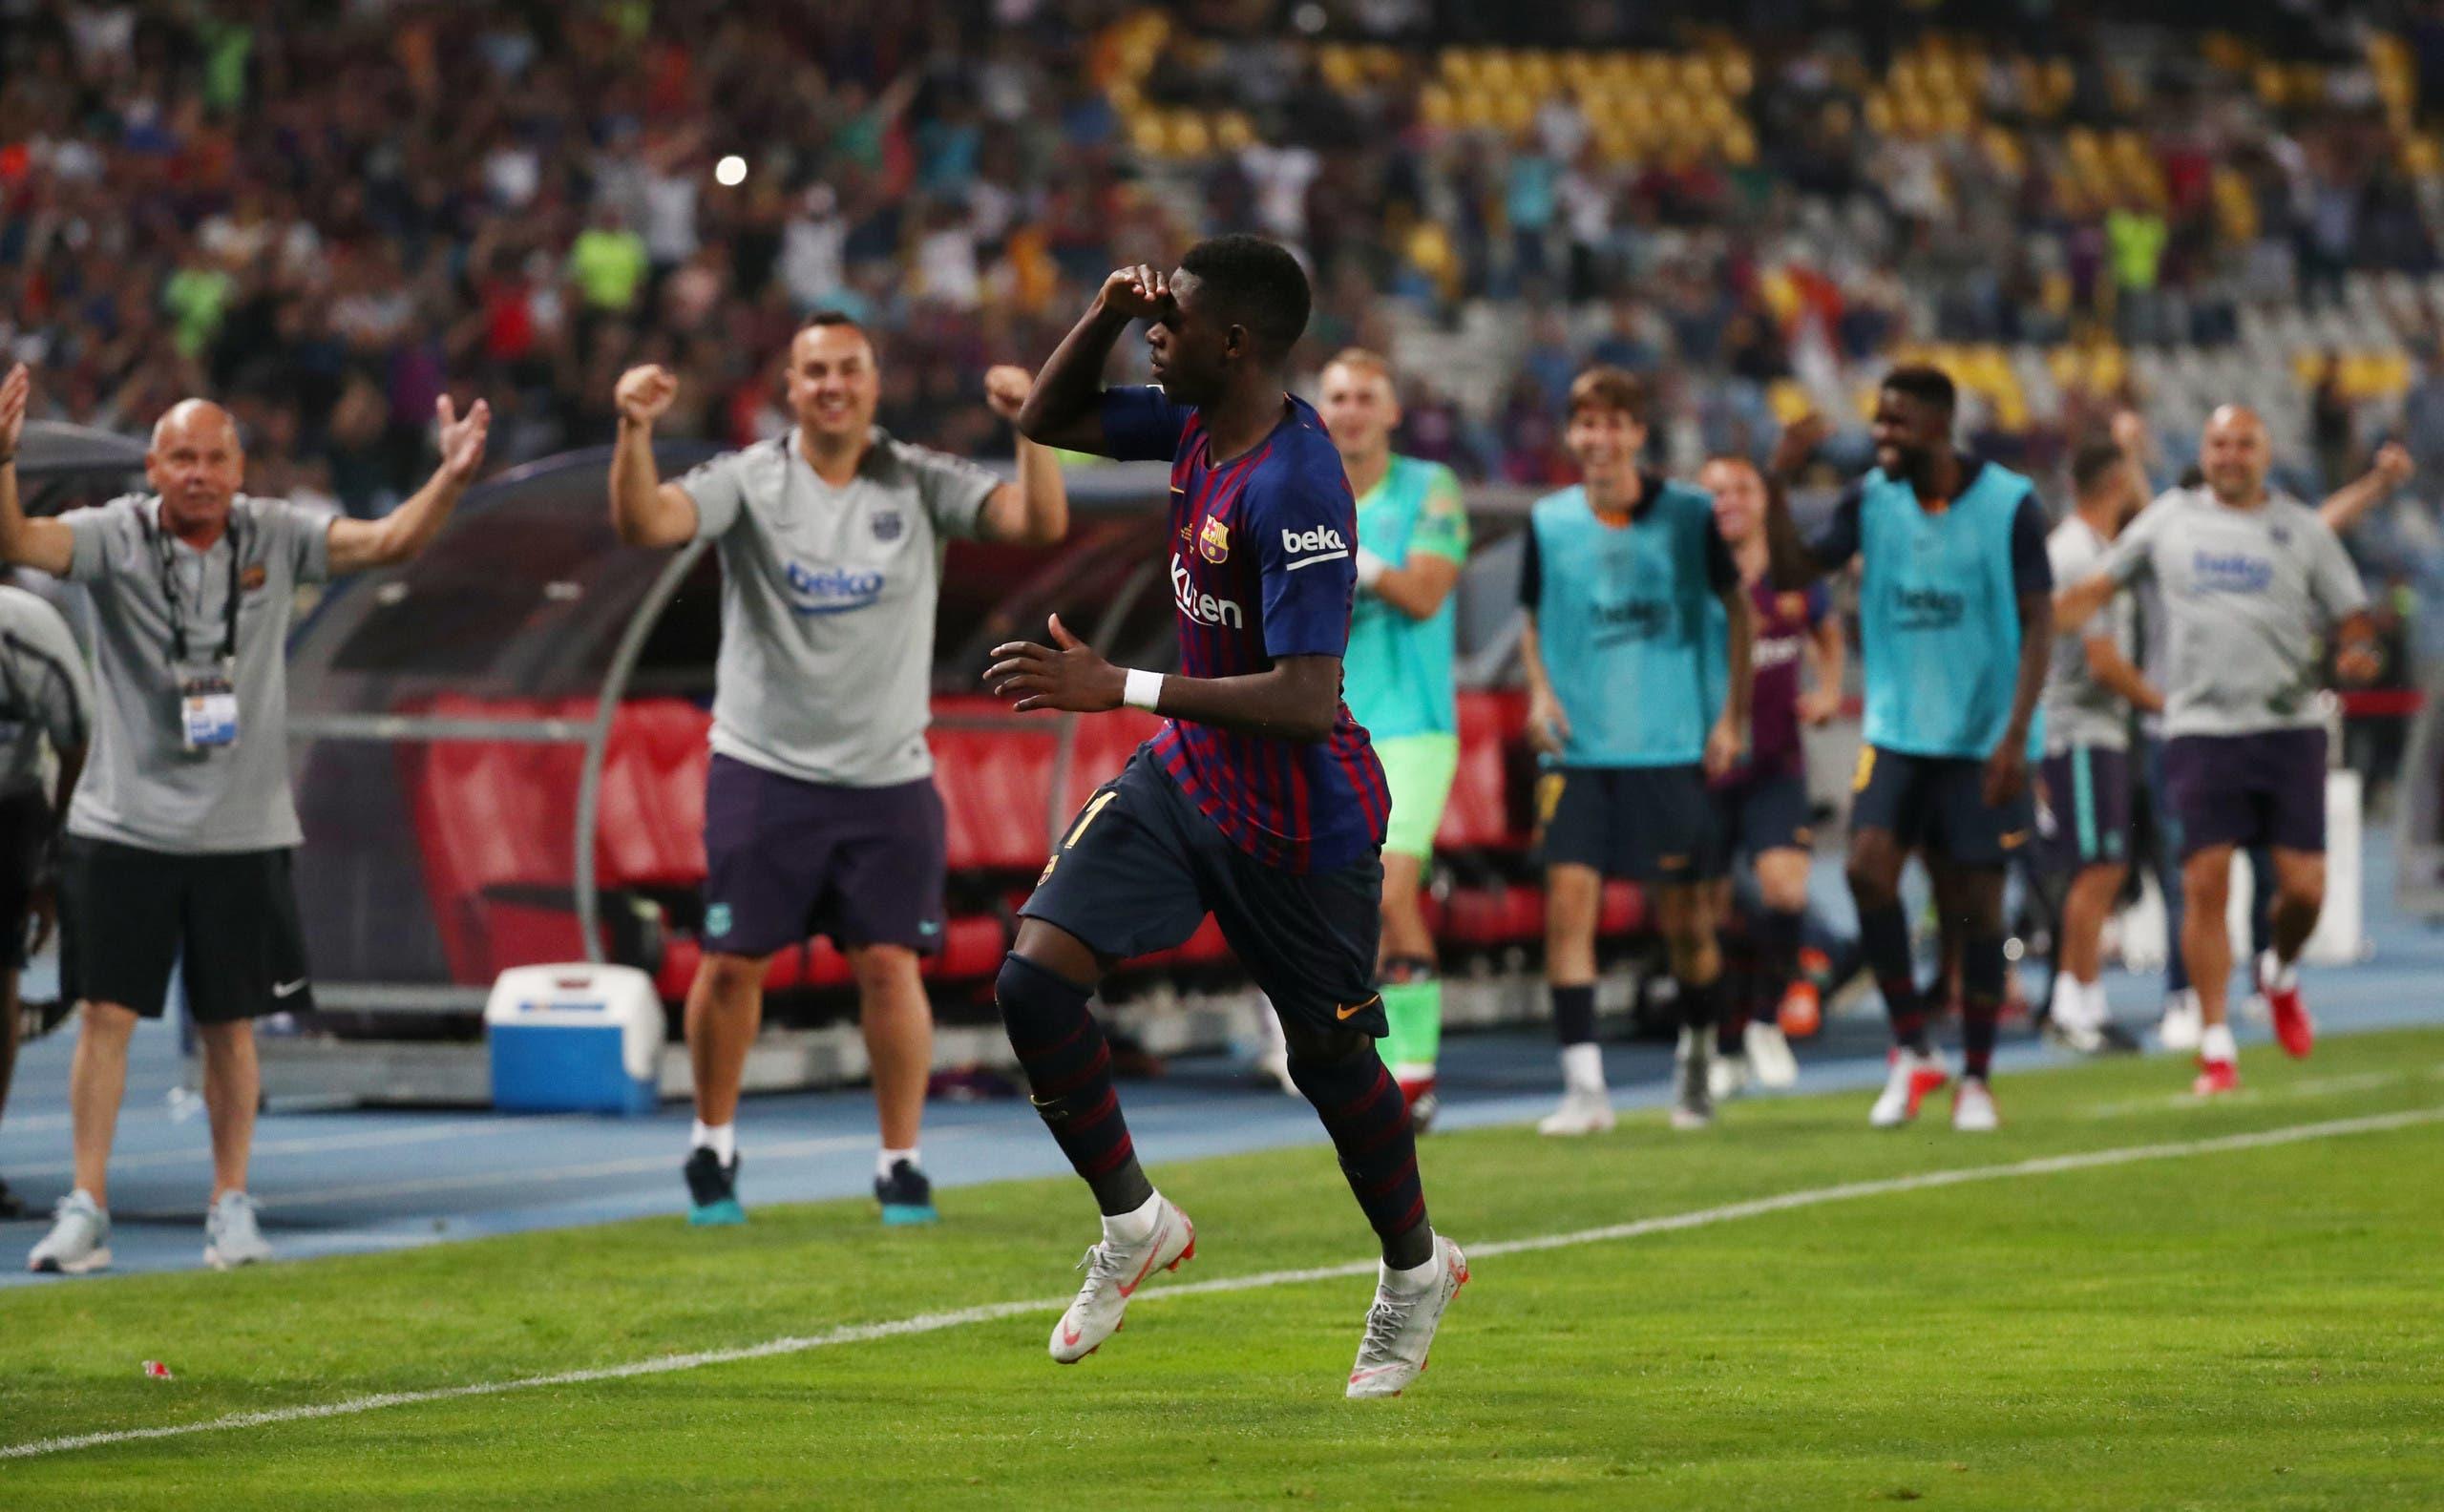 الفرنسي قاد الفريق للتتويج بلقب كأس السوبر الموسم الماضي